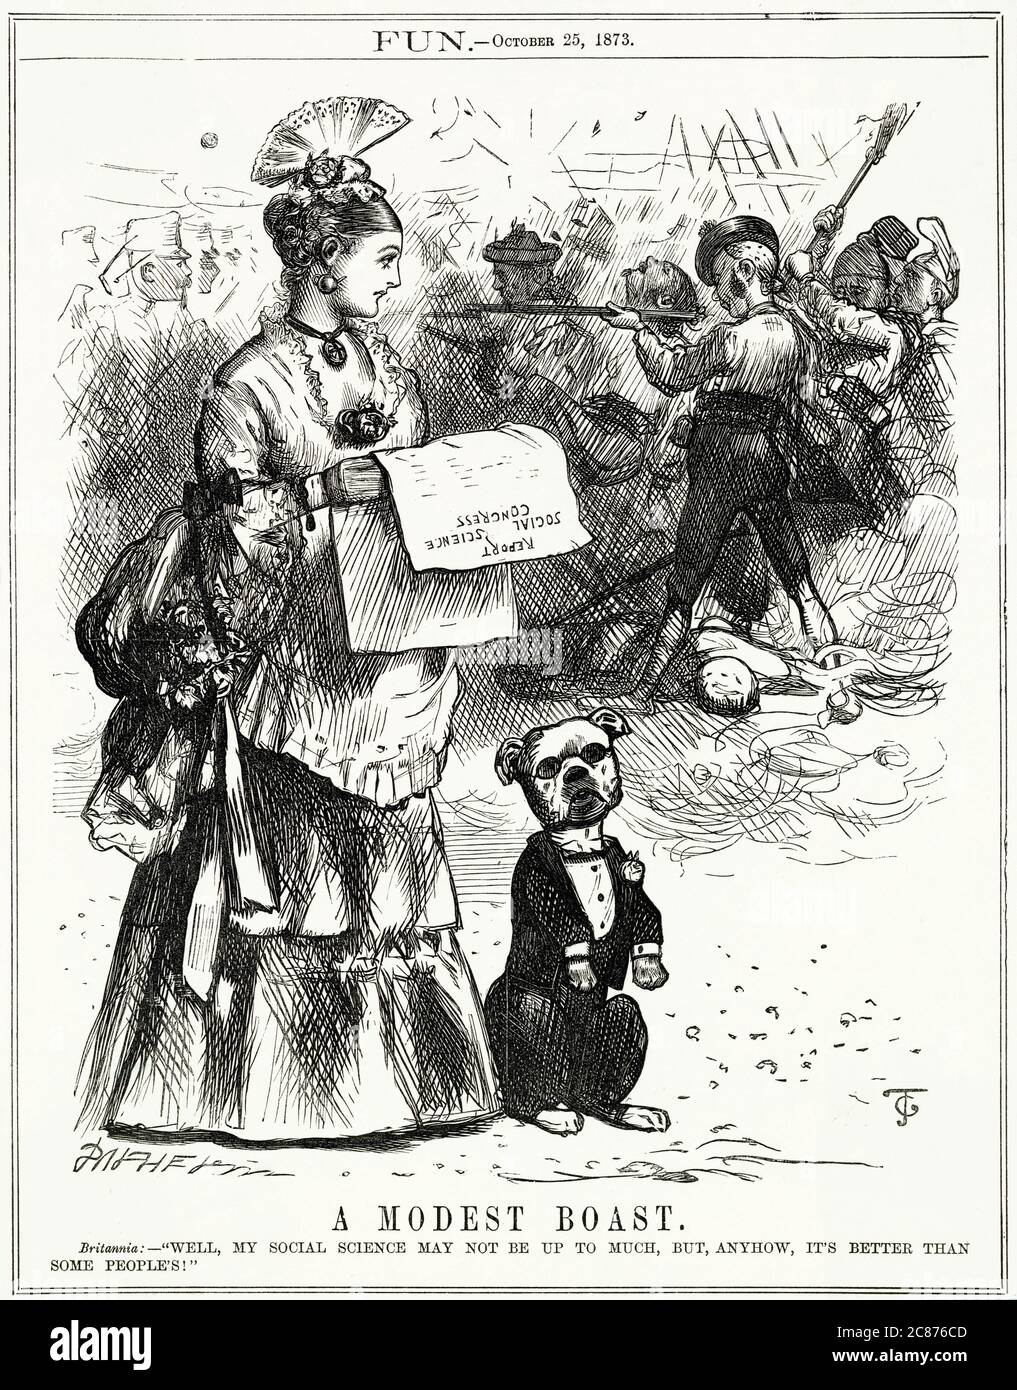 Caricature, UNE modeste fierté -- Britannia lit le rapport d'un récent Congrès des sciences sociales, et pense que sa compréhension du sujet est meilleure que celle de certains, en gardant à l'esprit les guerres et les conflits qui se produisent dans divers pays. Le Congrès des sciences sociales a été tenu chaque année par l'Association des sciences sociales, une organisation réformiste fondée en 1857. Date: 1873 Banque D'Images